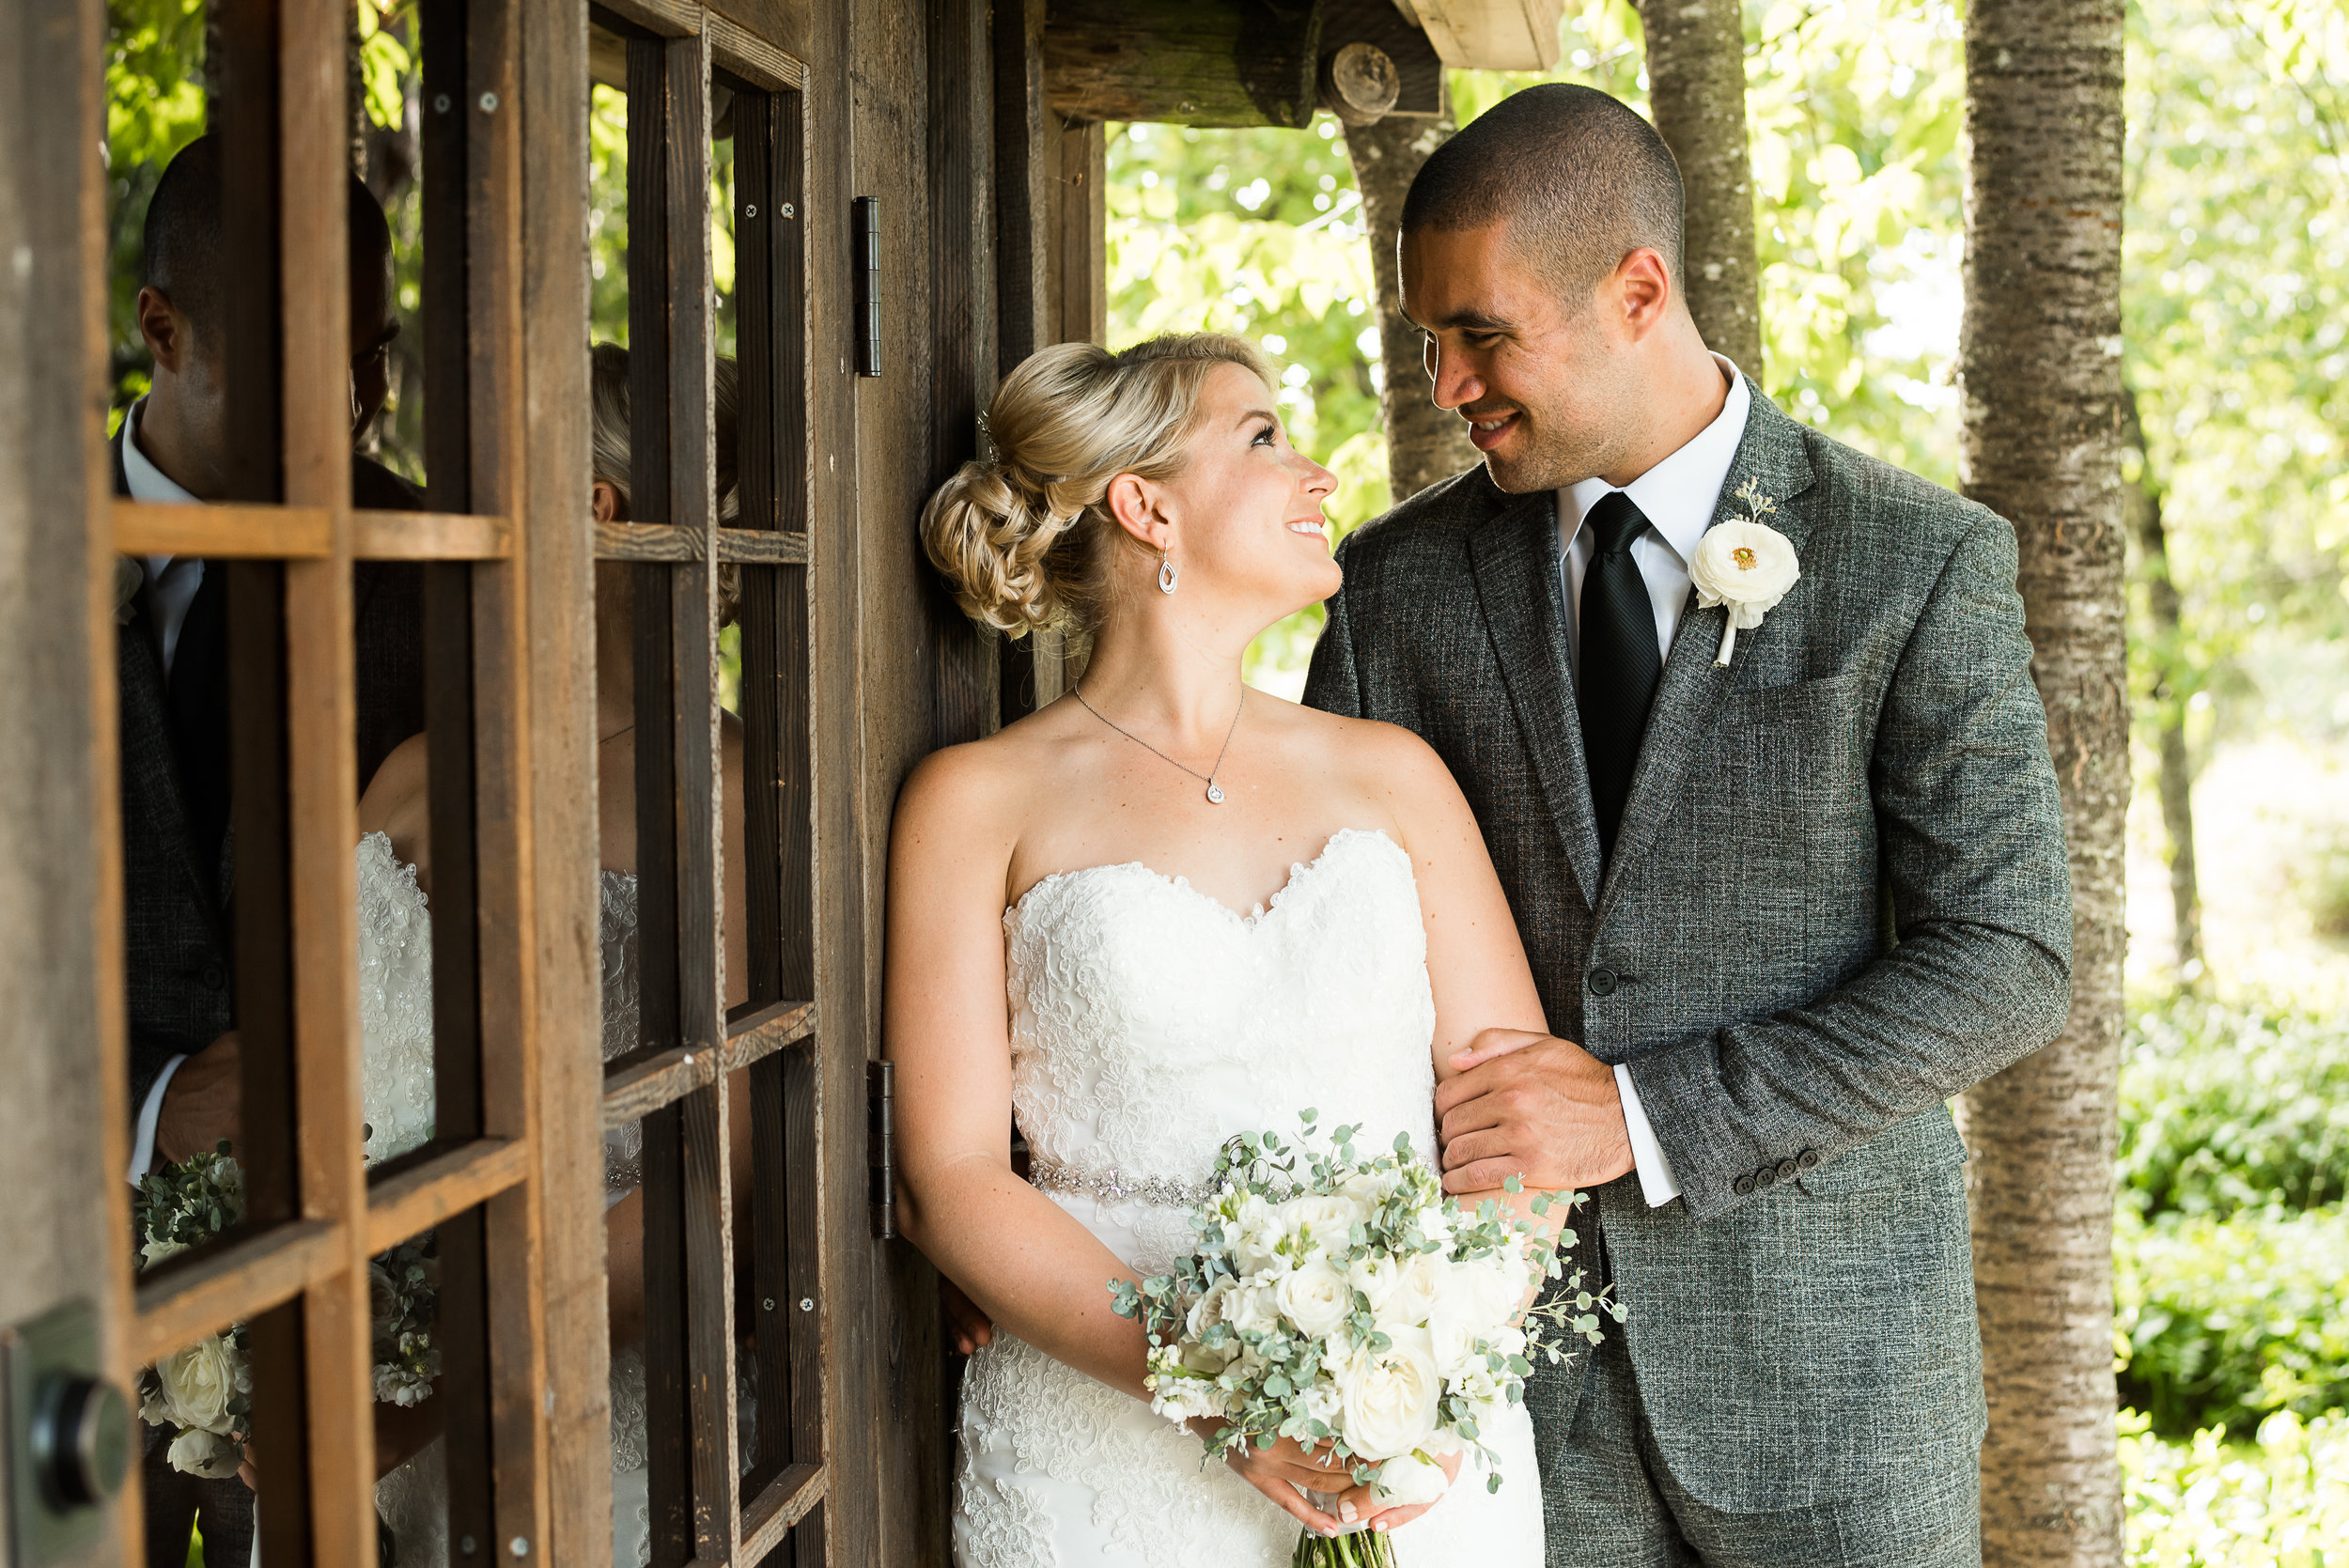 HA-wedding-Van-Wyhe-Photography-284.jpg